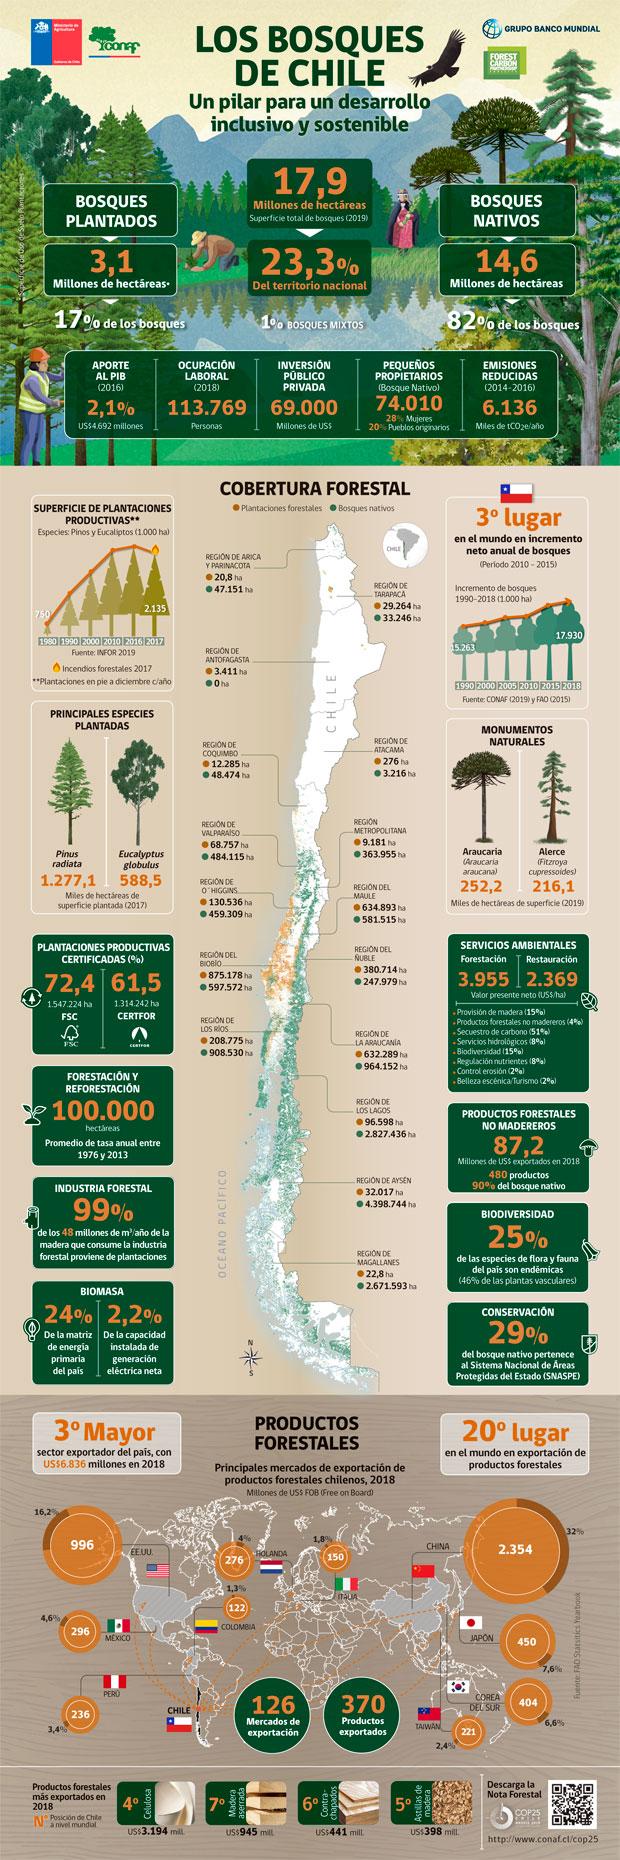 Infografia Los Bosques de Chile